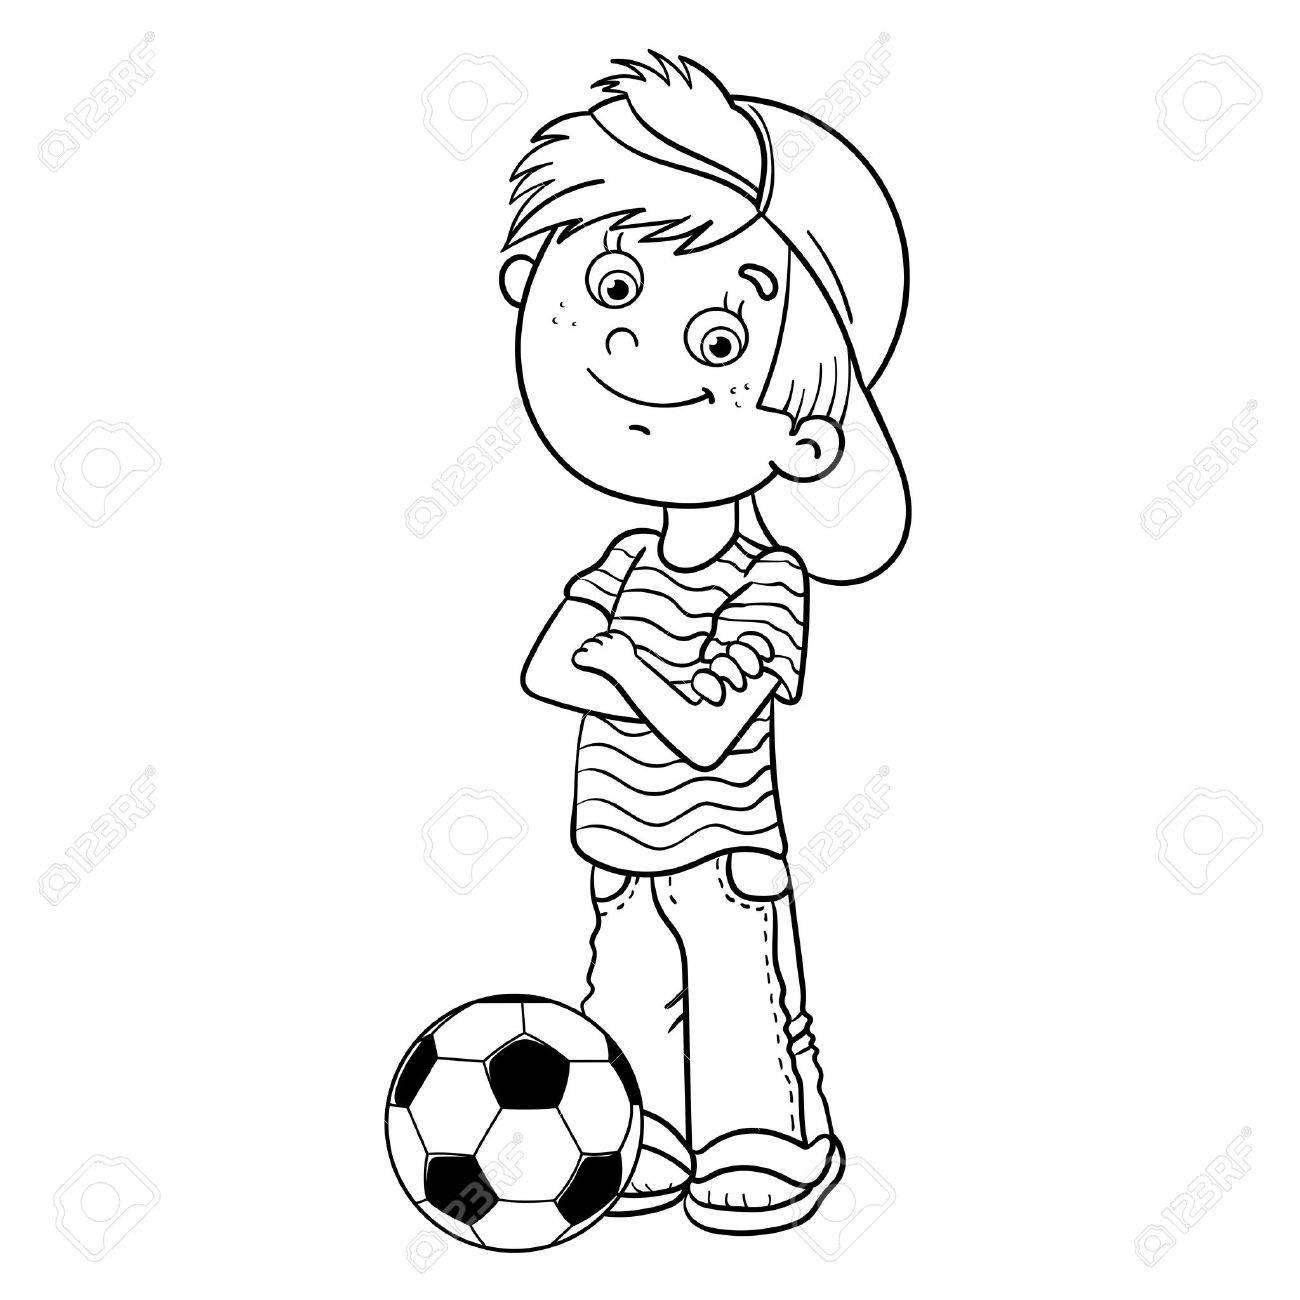 Großzügig Sport Malvorlagen Für Jungen Fußball Galerie - Entry Level ...